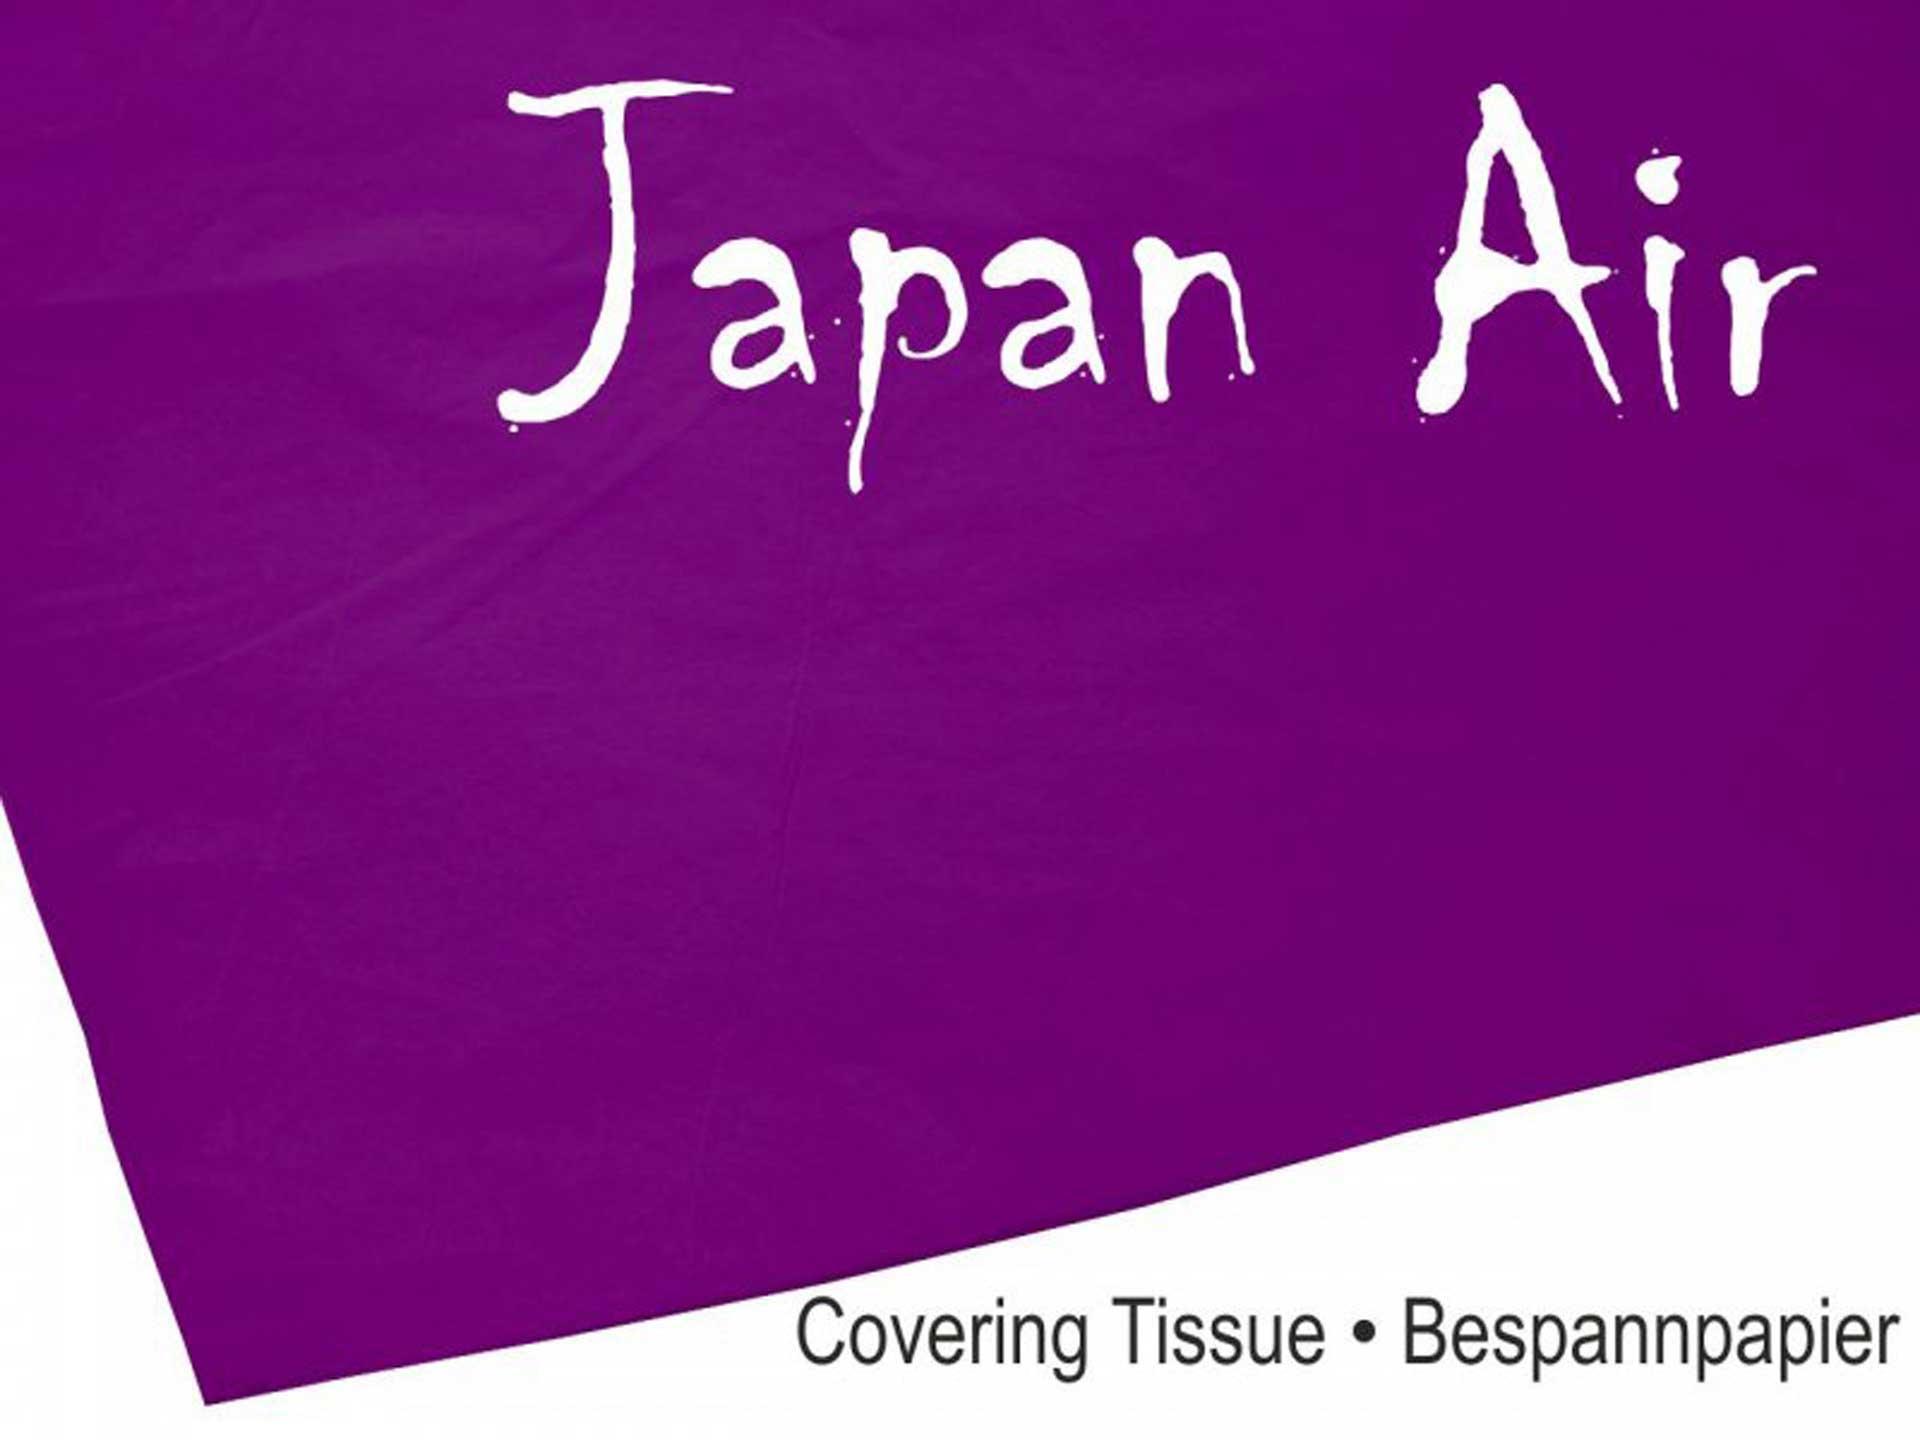 MODELLBAU LINDINGER JAPAN AIR Bespannpapier 16g lila 500 x 750 mm 10Stk. gerollt